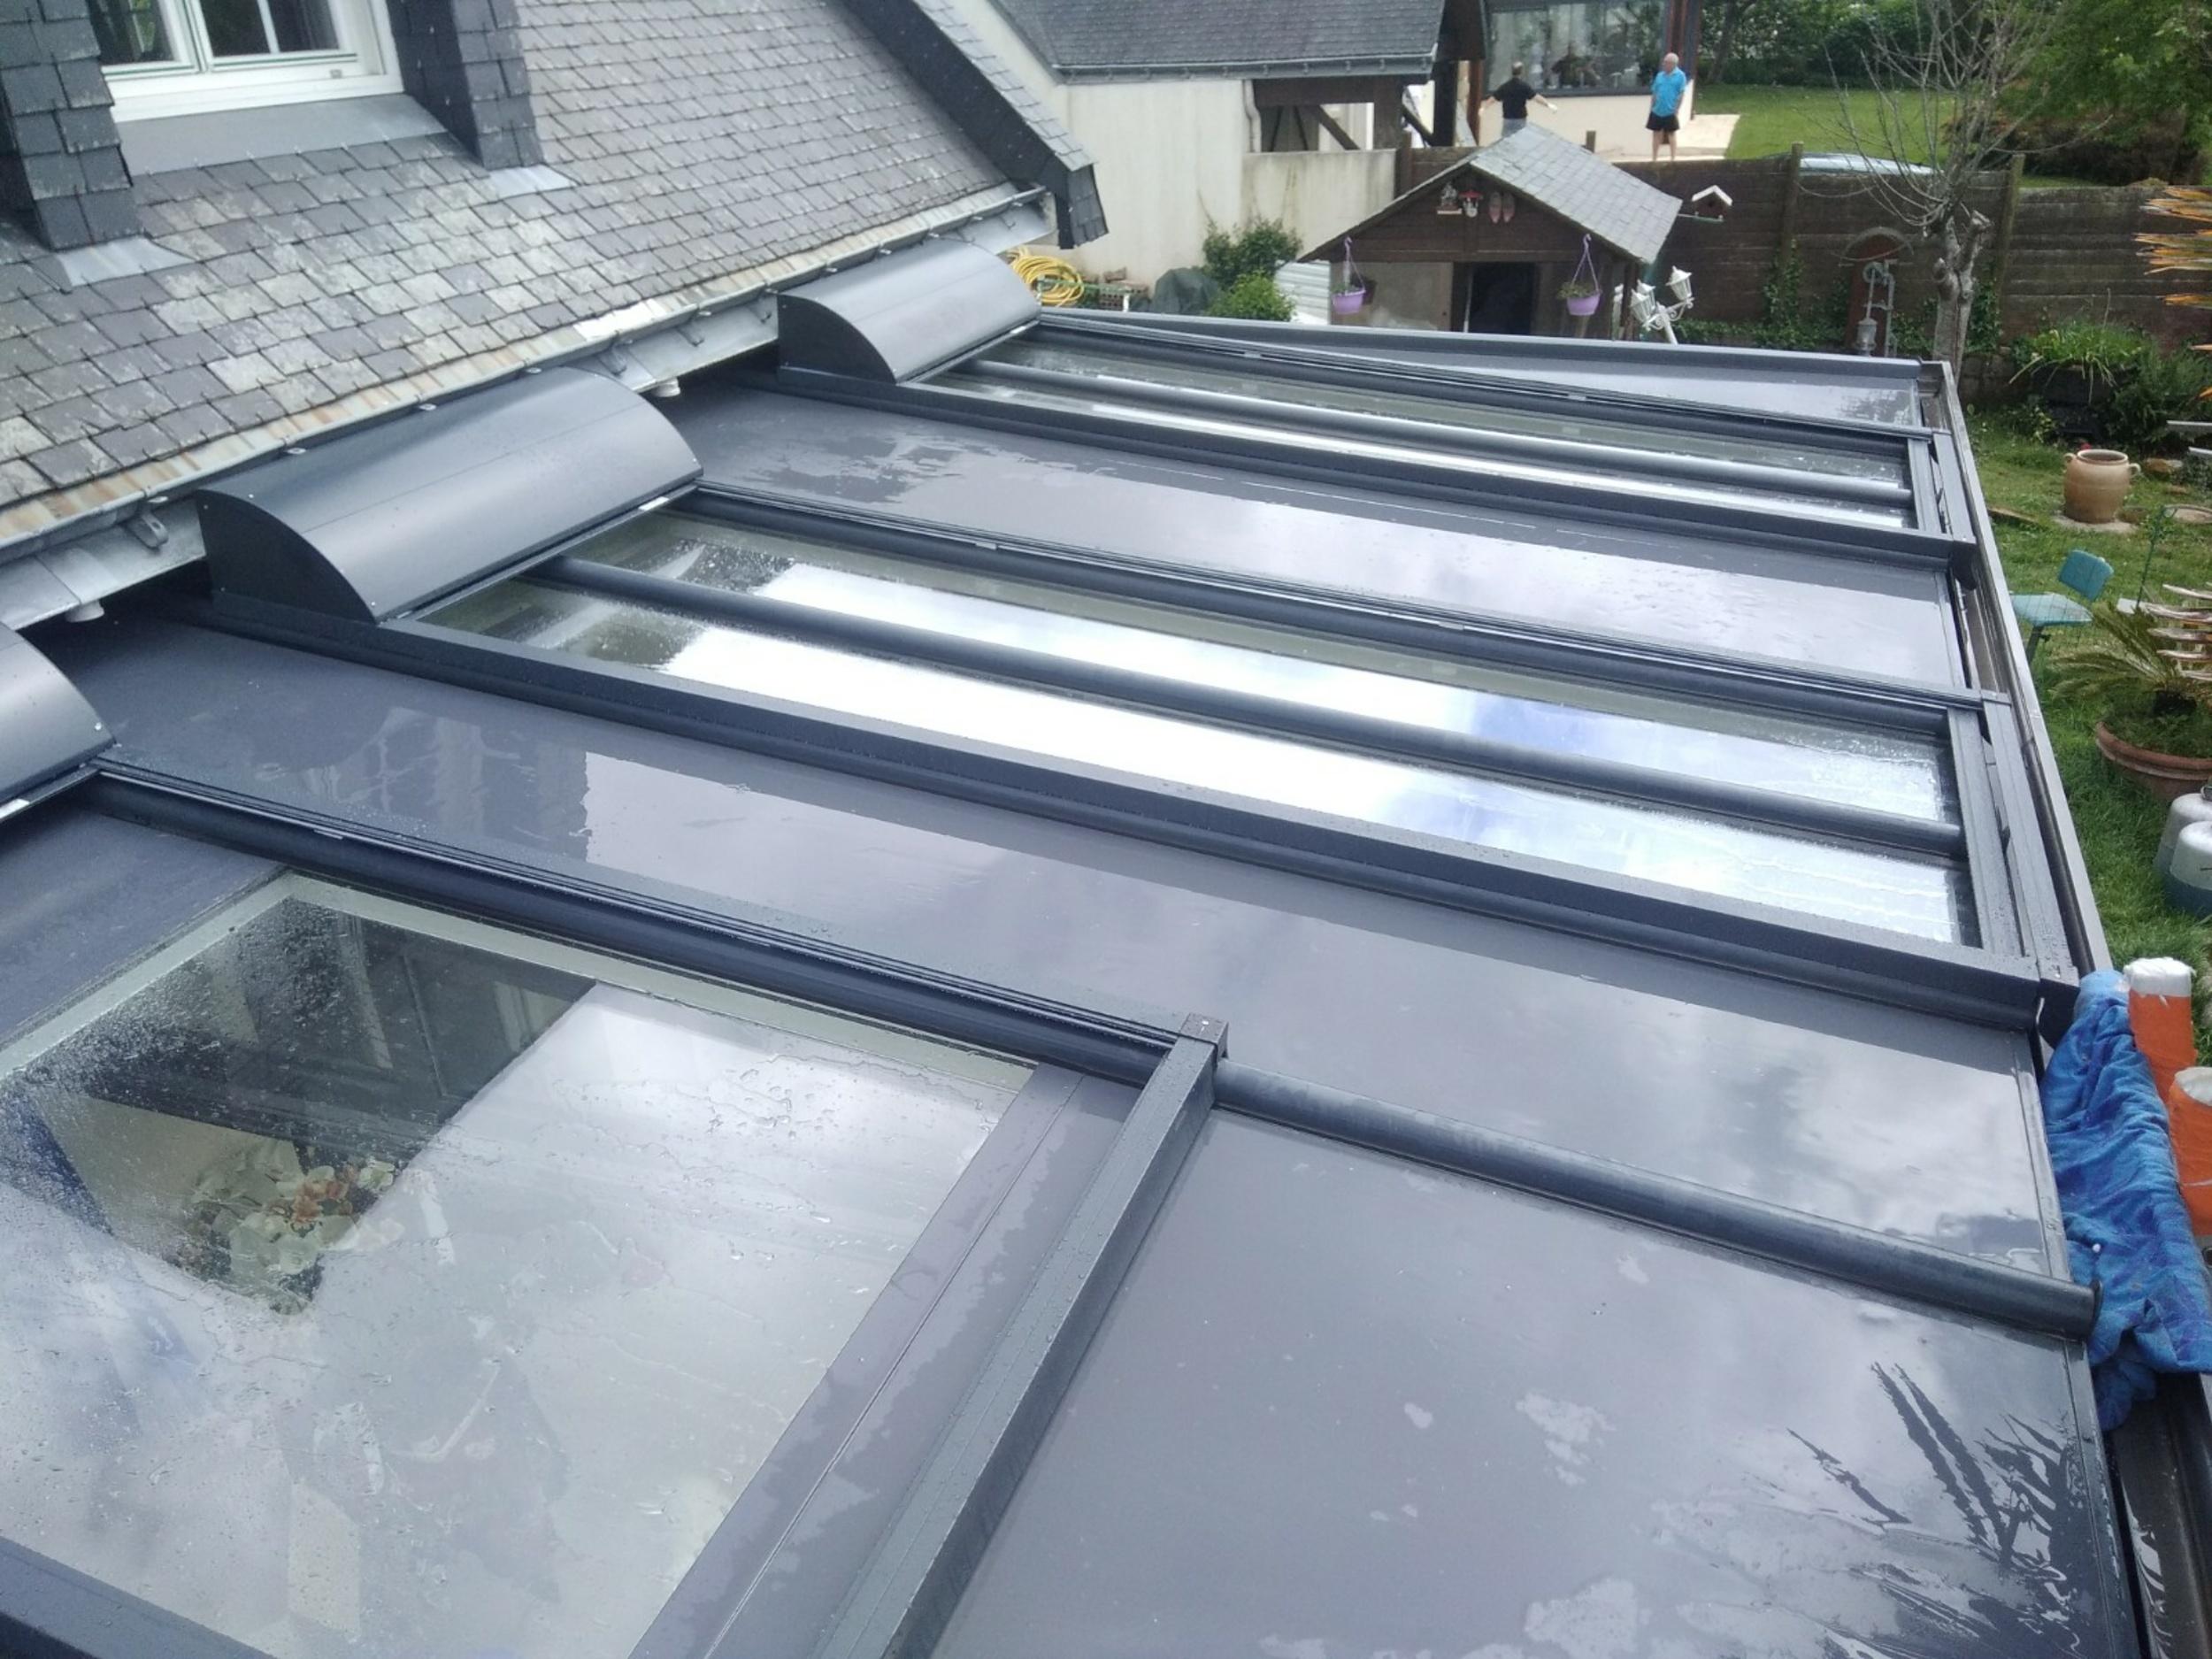 Volets de protection solaire pour véranda - ROLAX de Bubendorff